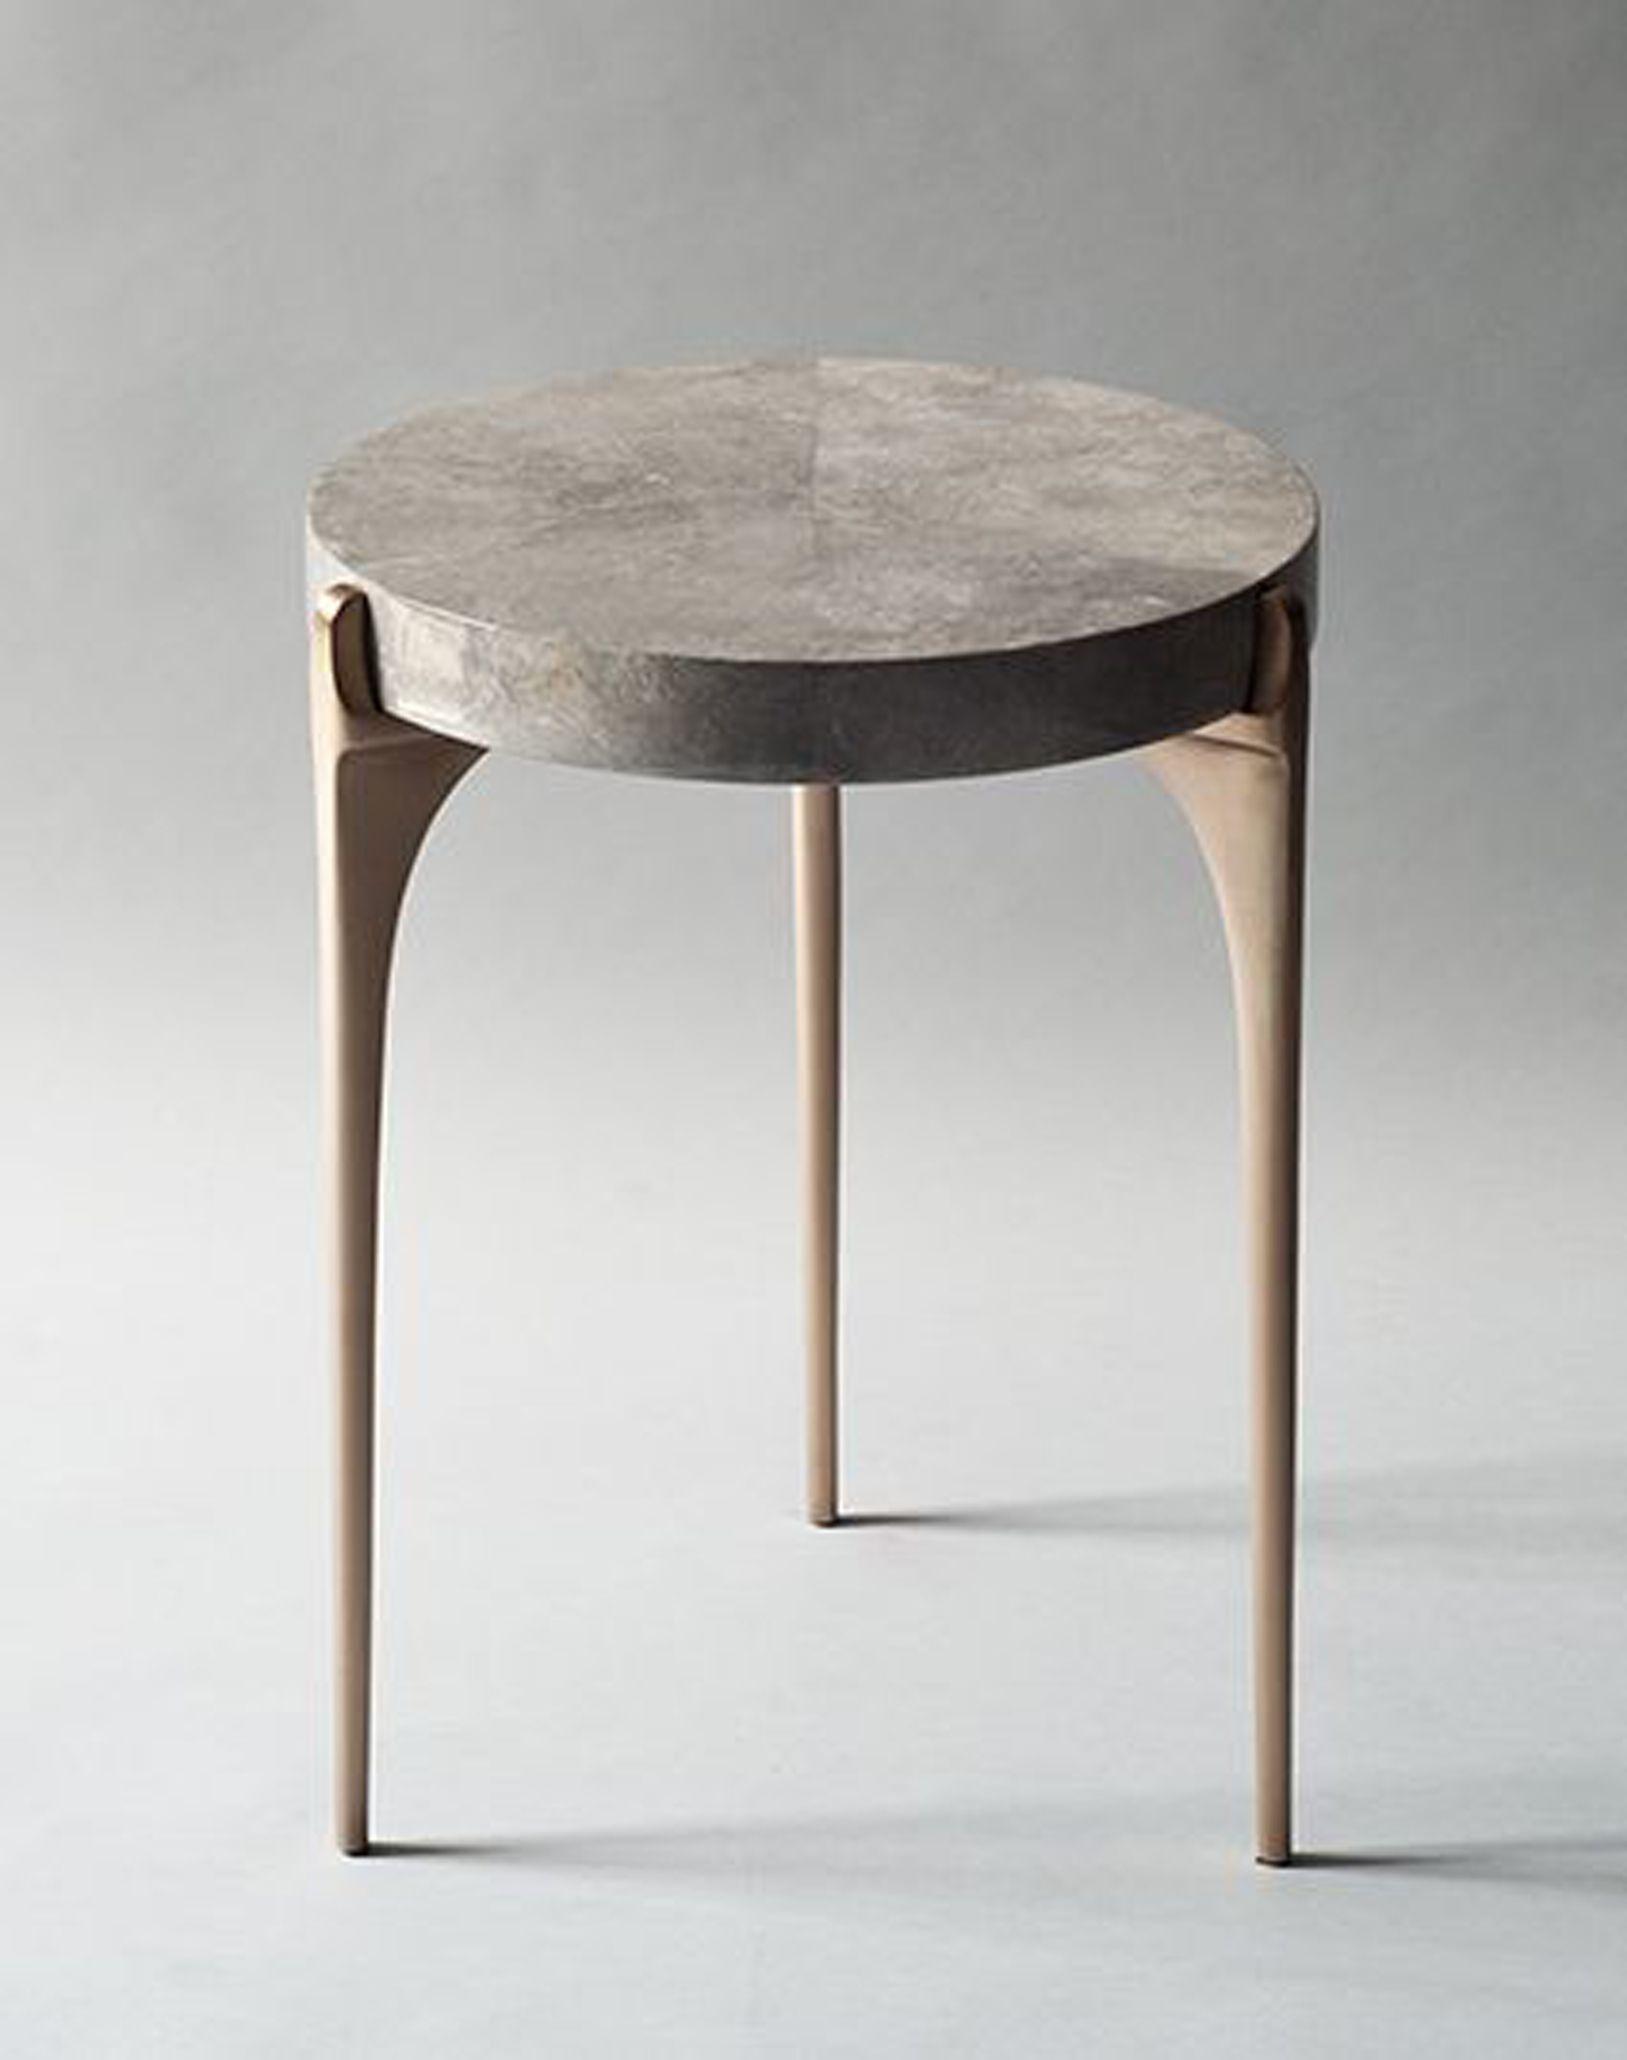 Épinglé par Ferronnerie d\' Art sur mobilier en 2019 ...